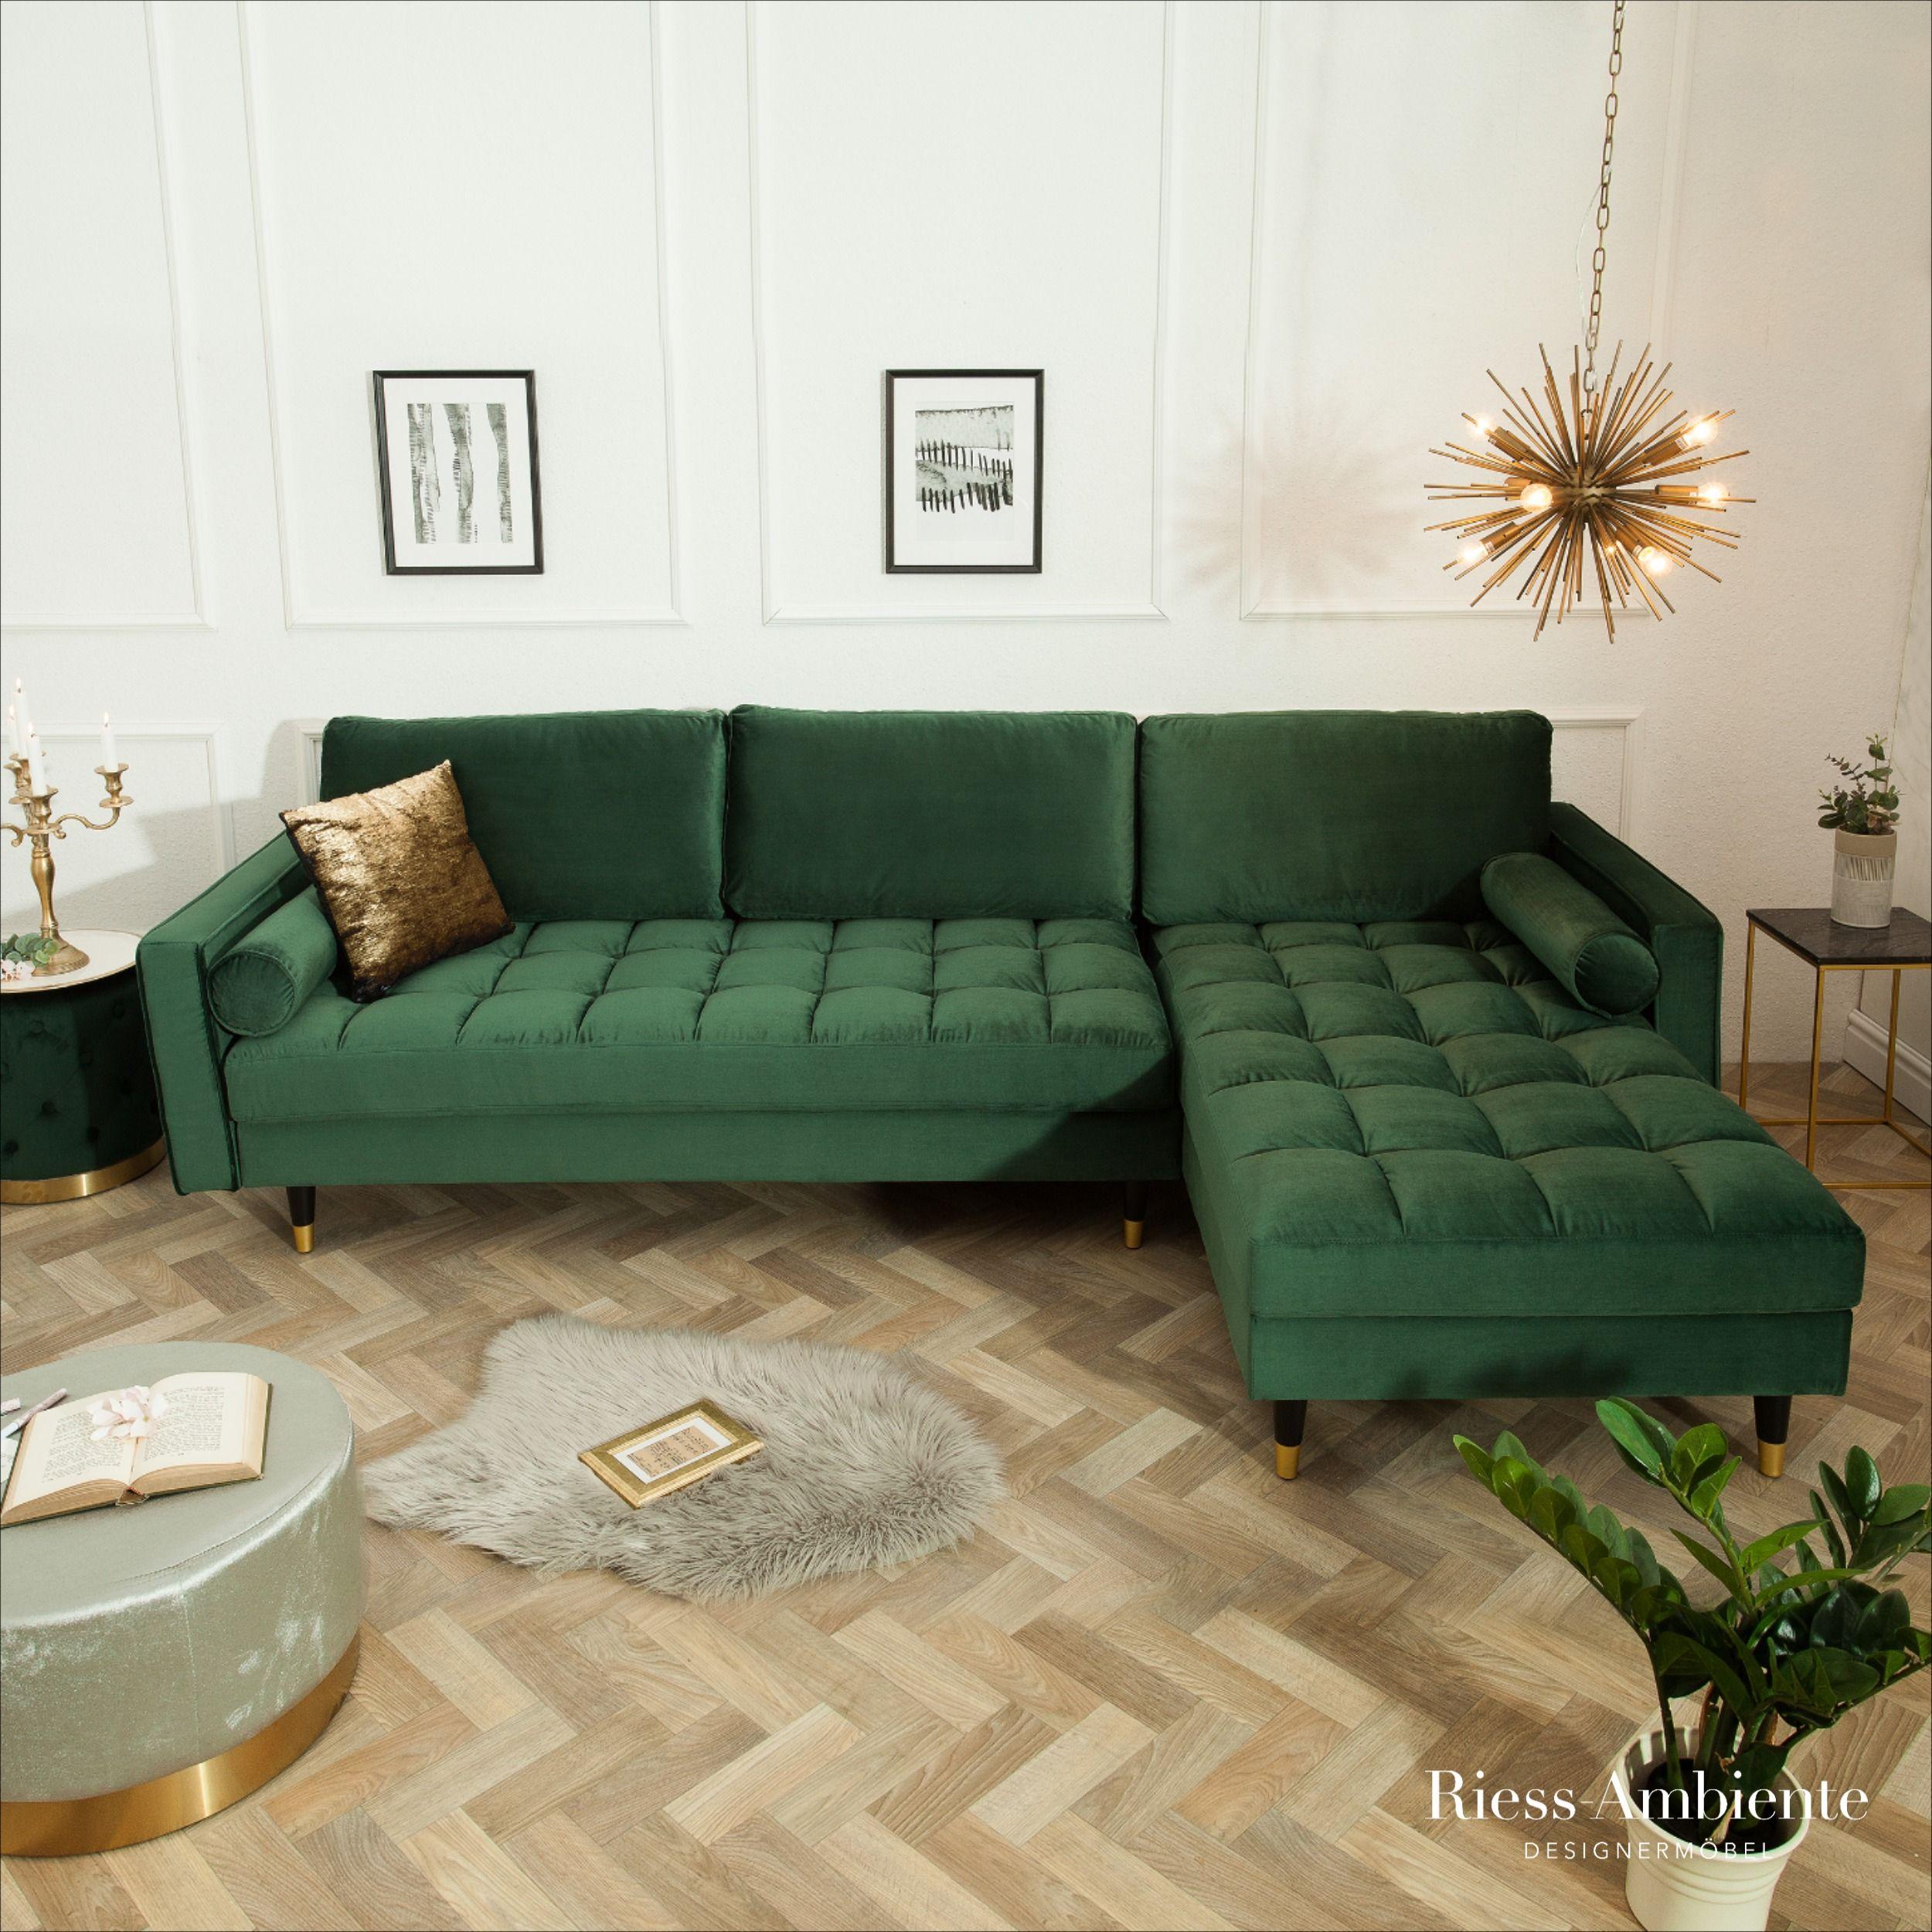 Full Size of Riess Ambiente Sofa Bewertung Couch Erfahrungen Samt Xxl Couchtisch Gold Akazie Elegantes Ecksofa Cozy Velvet 260cm Grn Federkern 3er Big L Form Home Affaire Sofa Riess Ambiente Sofa